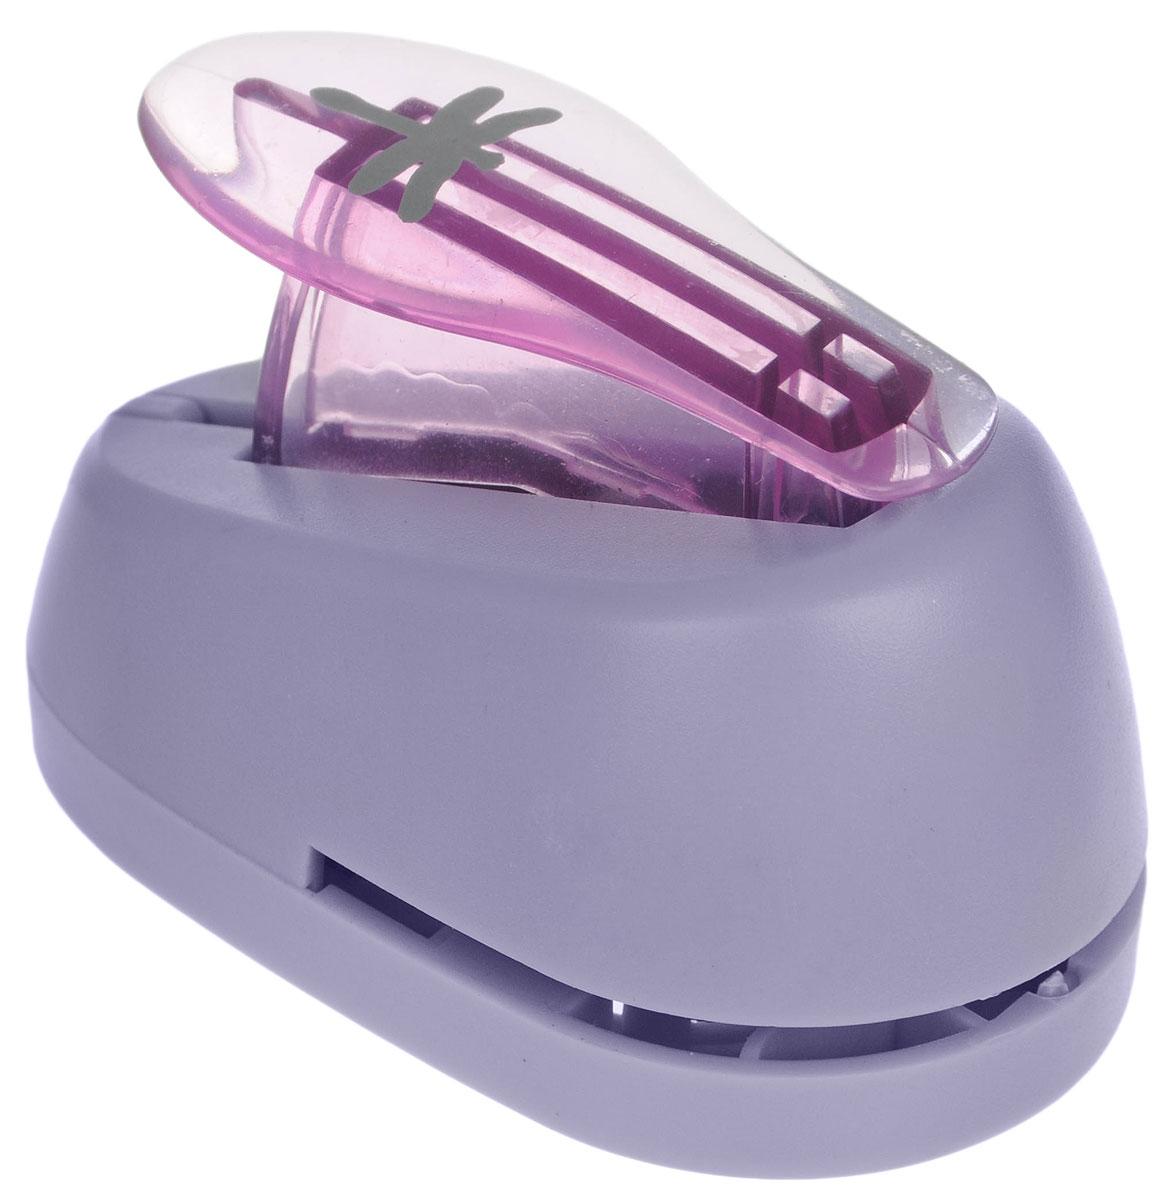 Hobbyboom Дырокол фигурный Стрекоза цвет фиолетовый 1,8 см